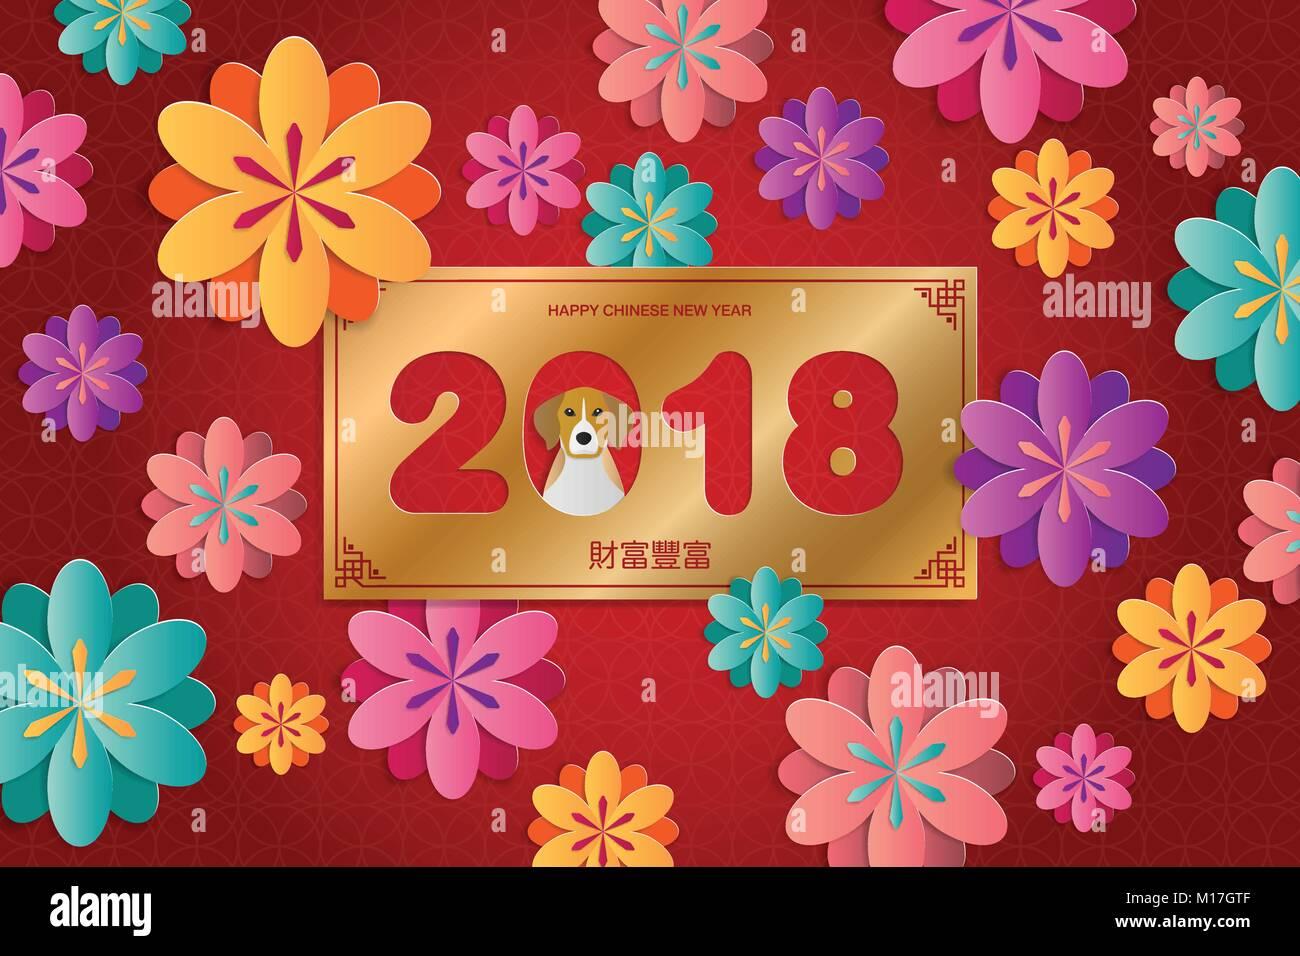 Das chinesische Neujahr Grußkarte mit Cherry Blossom. Paper art ...